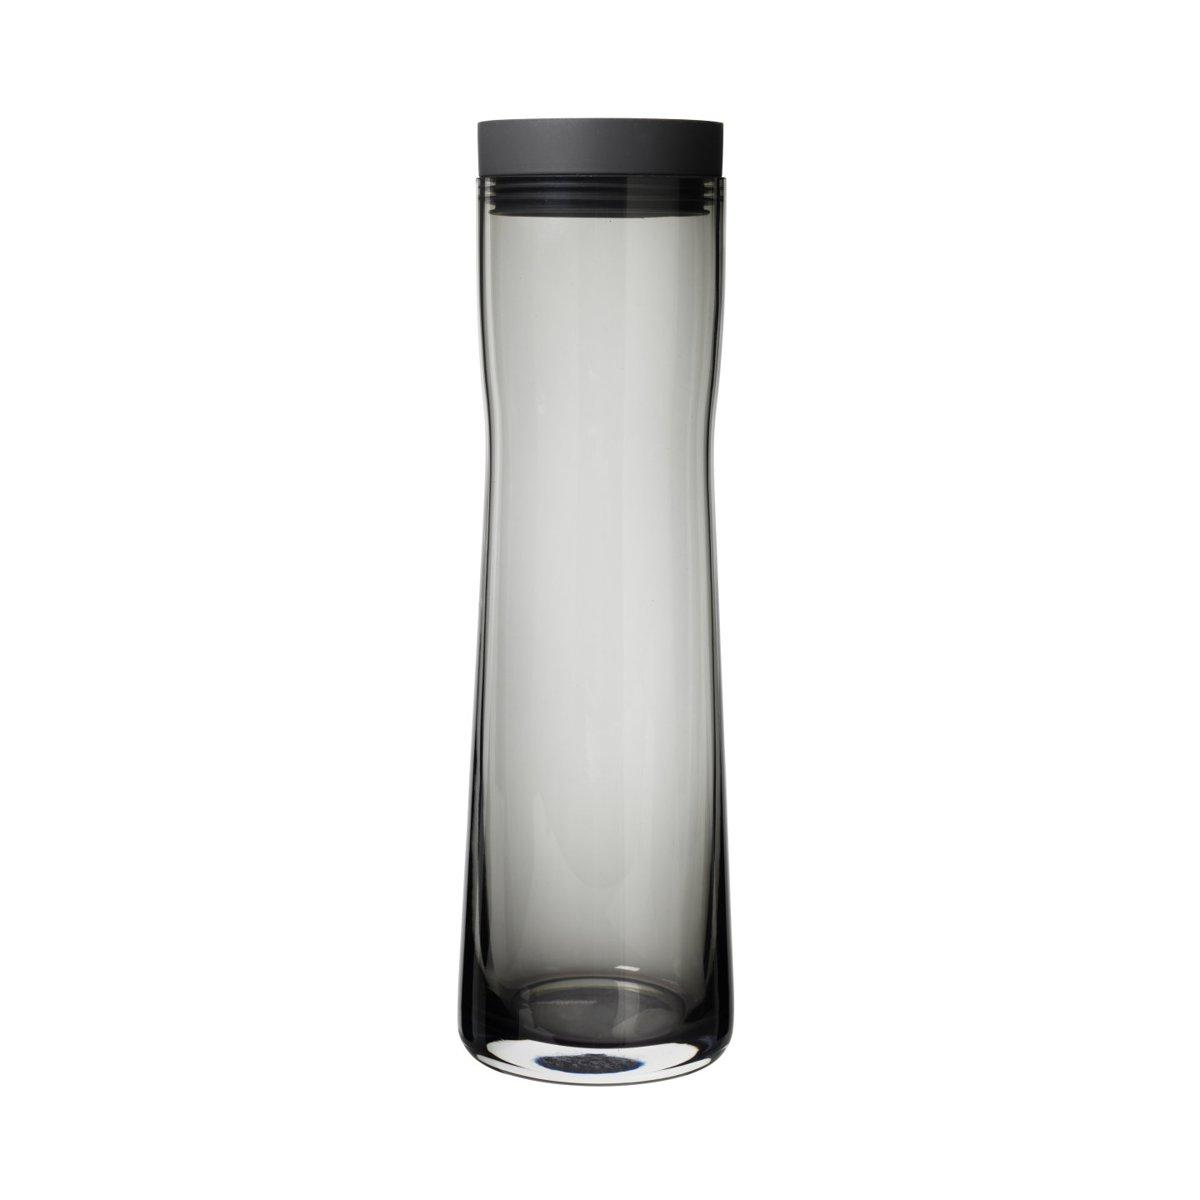 Blomus SPLASH water karaf - 1 liter - zwart getint glas kopen